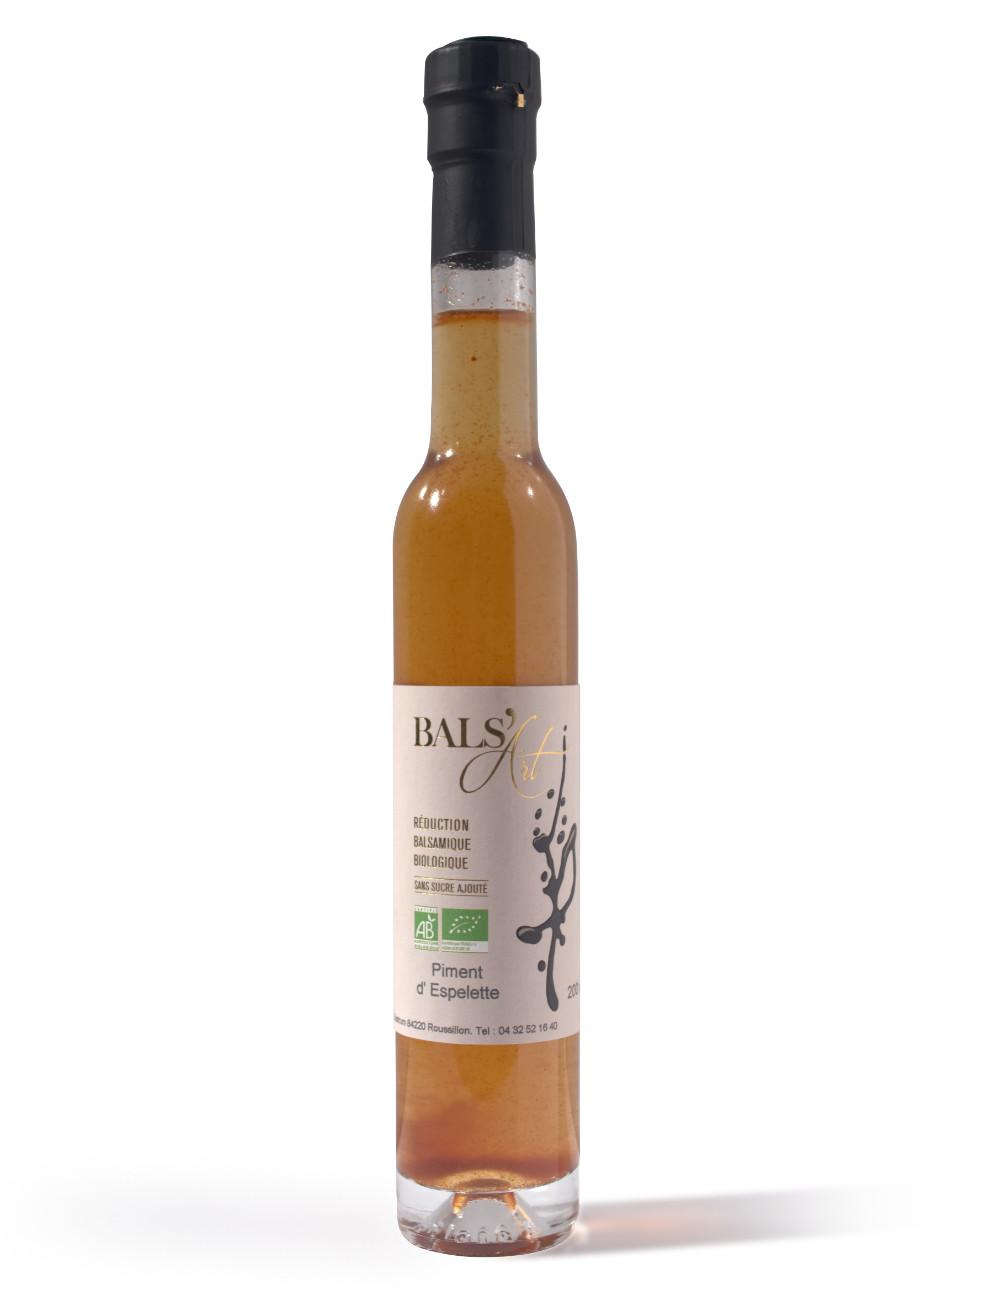 réduction balsamique au pimentd'espelette